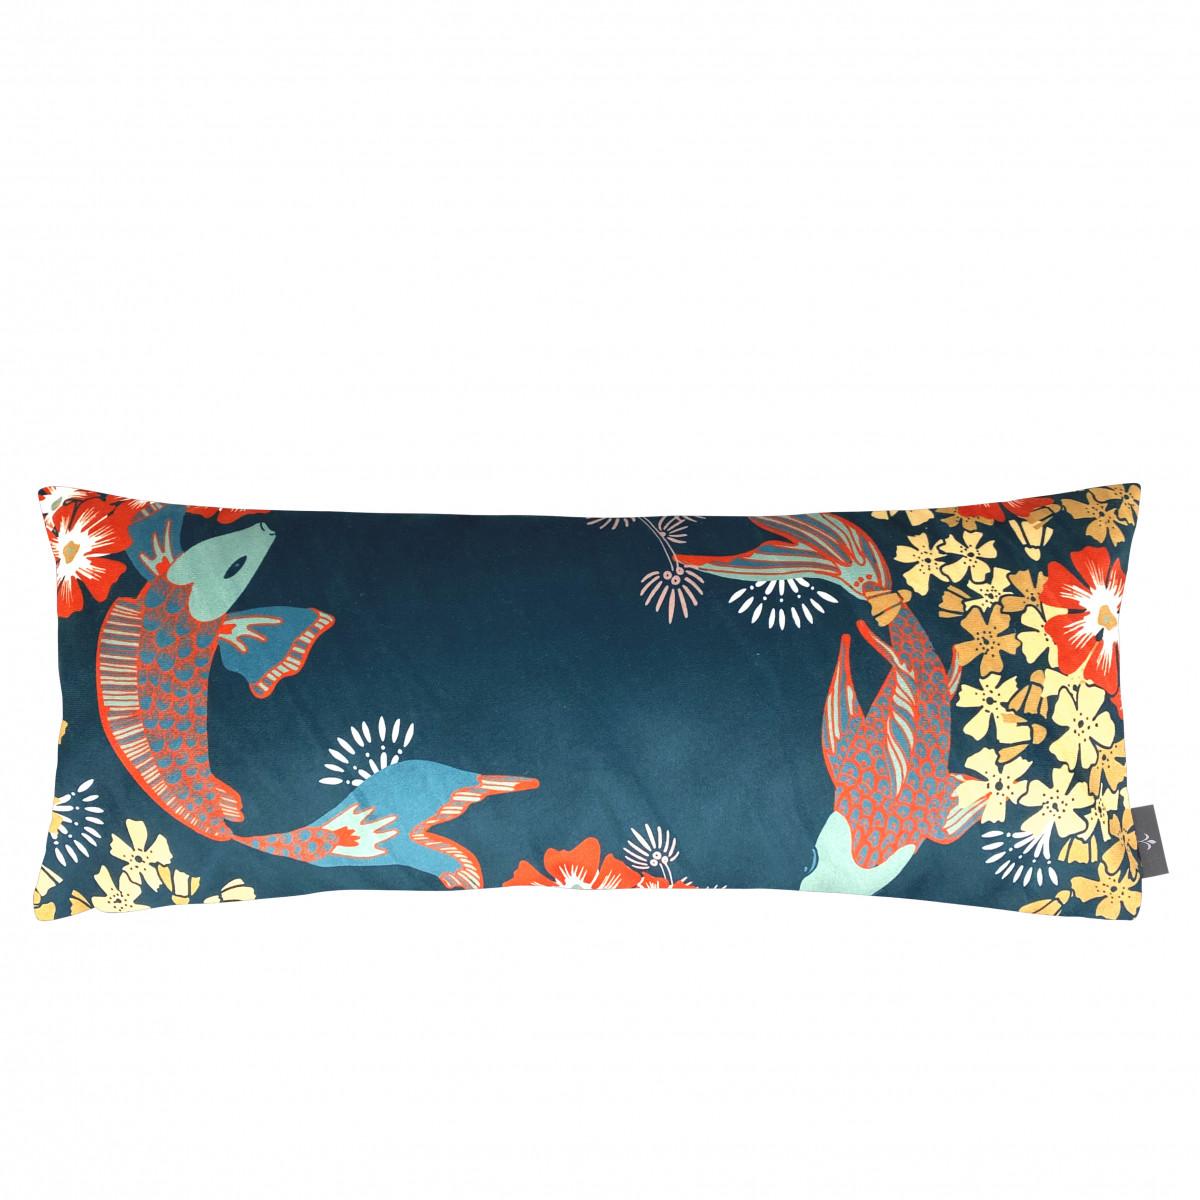 Coussin imprimé les poissons koï made in france bleu 25x60